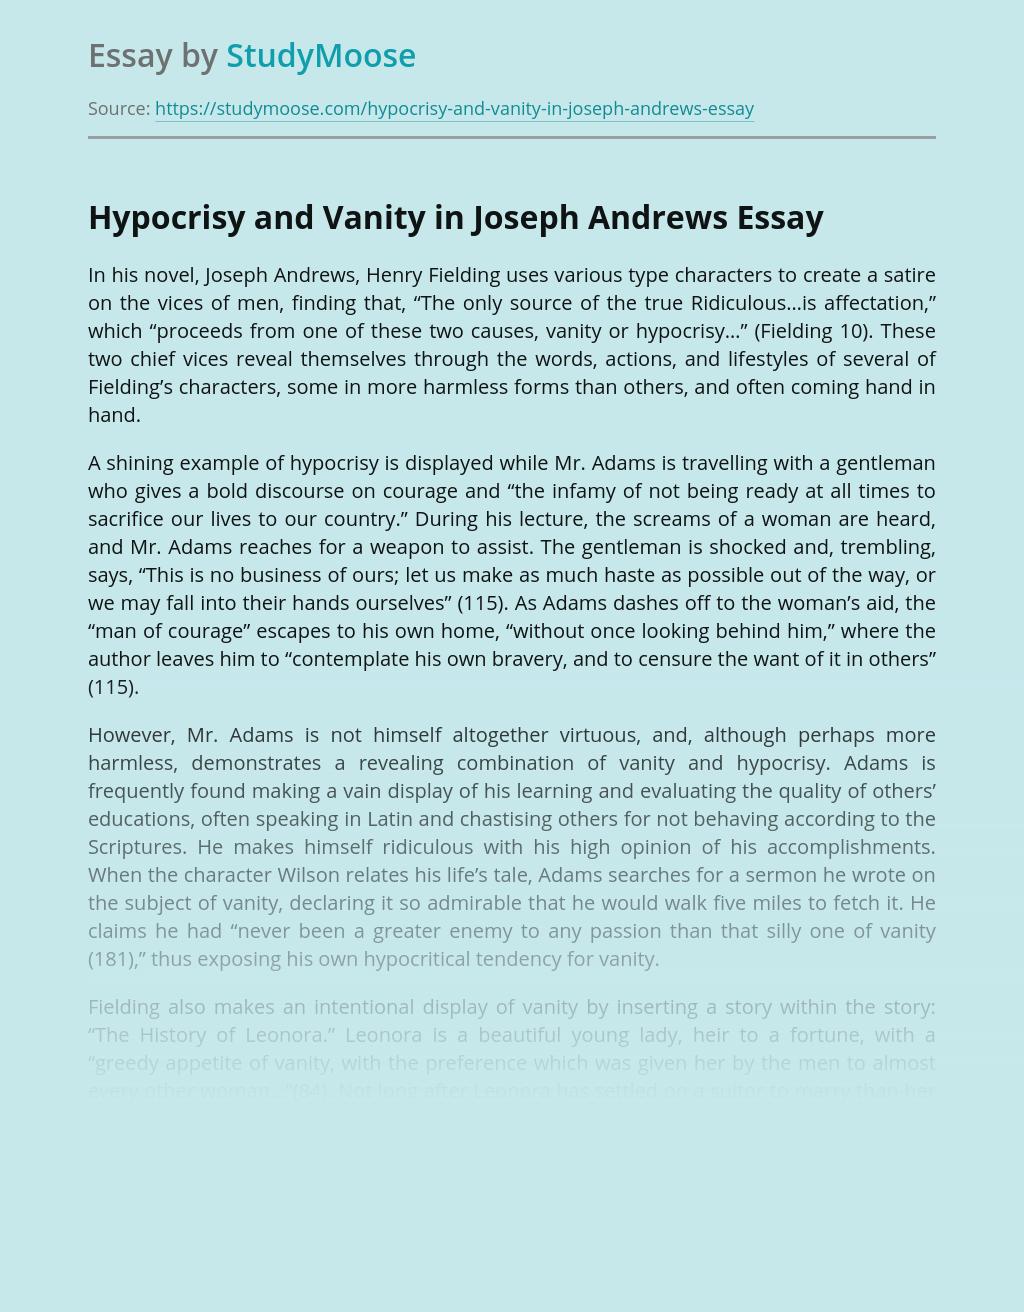 Hypocrisy and Vanity in Joseph Andrews